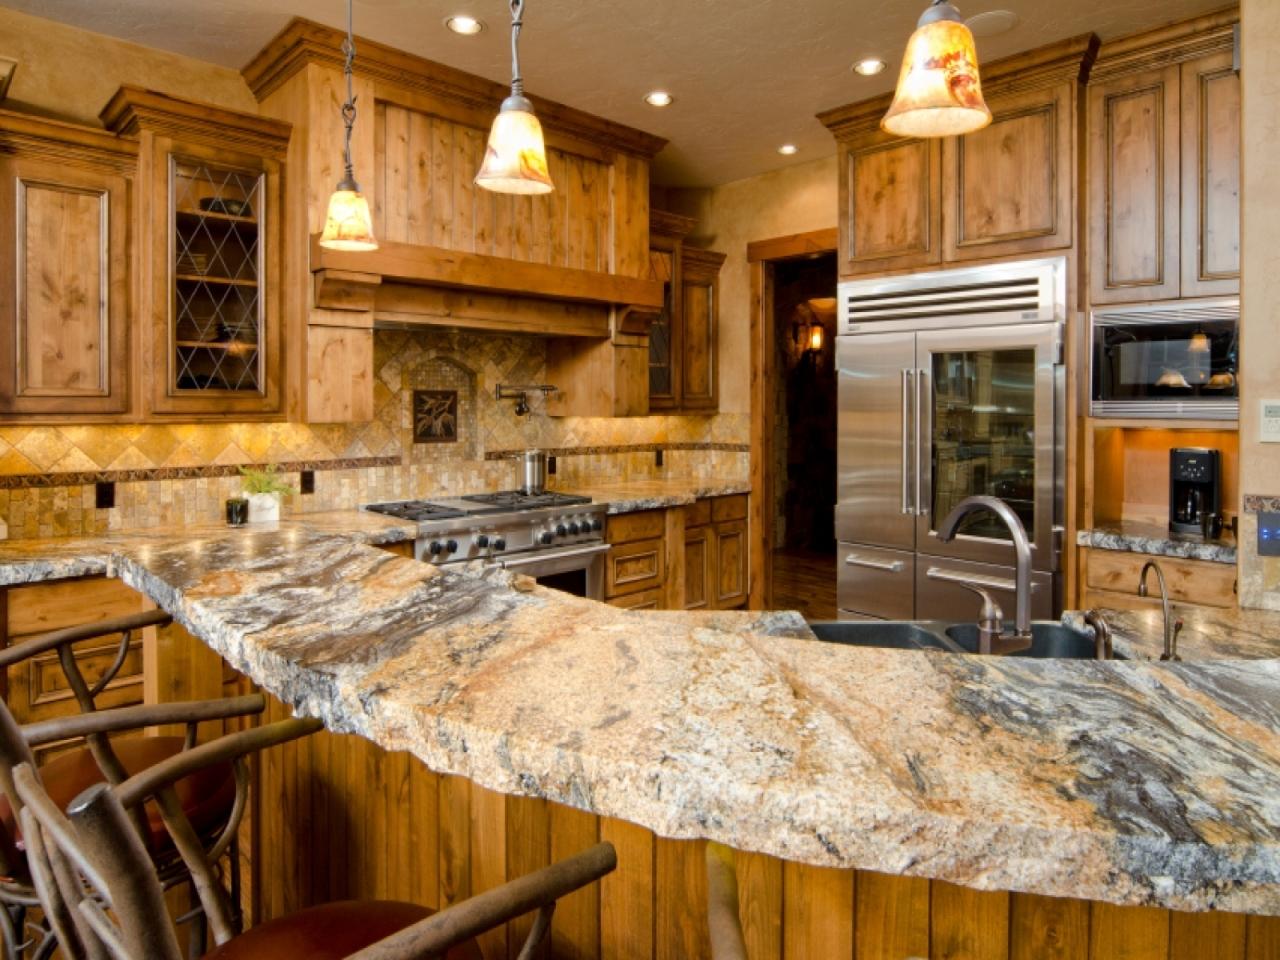 Kitchen Countertops Ideas amp Photos  Granite Quartz Laminate